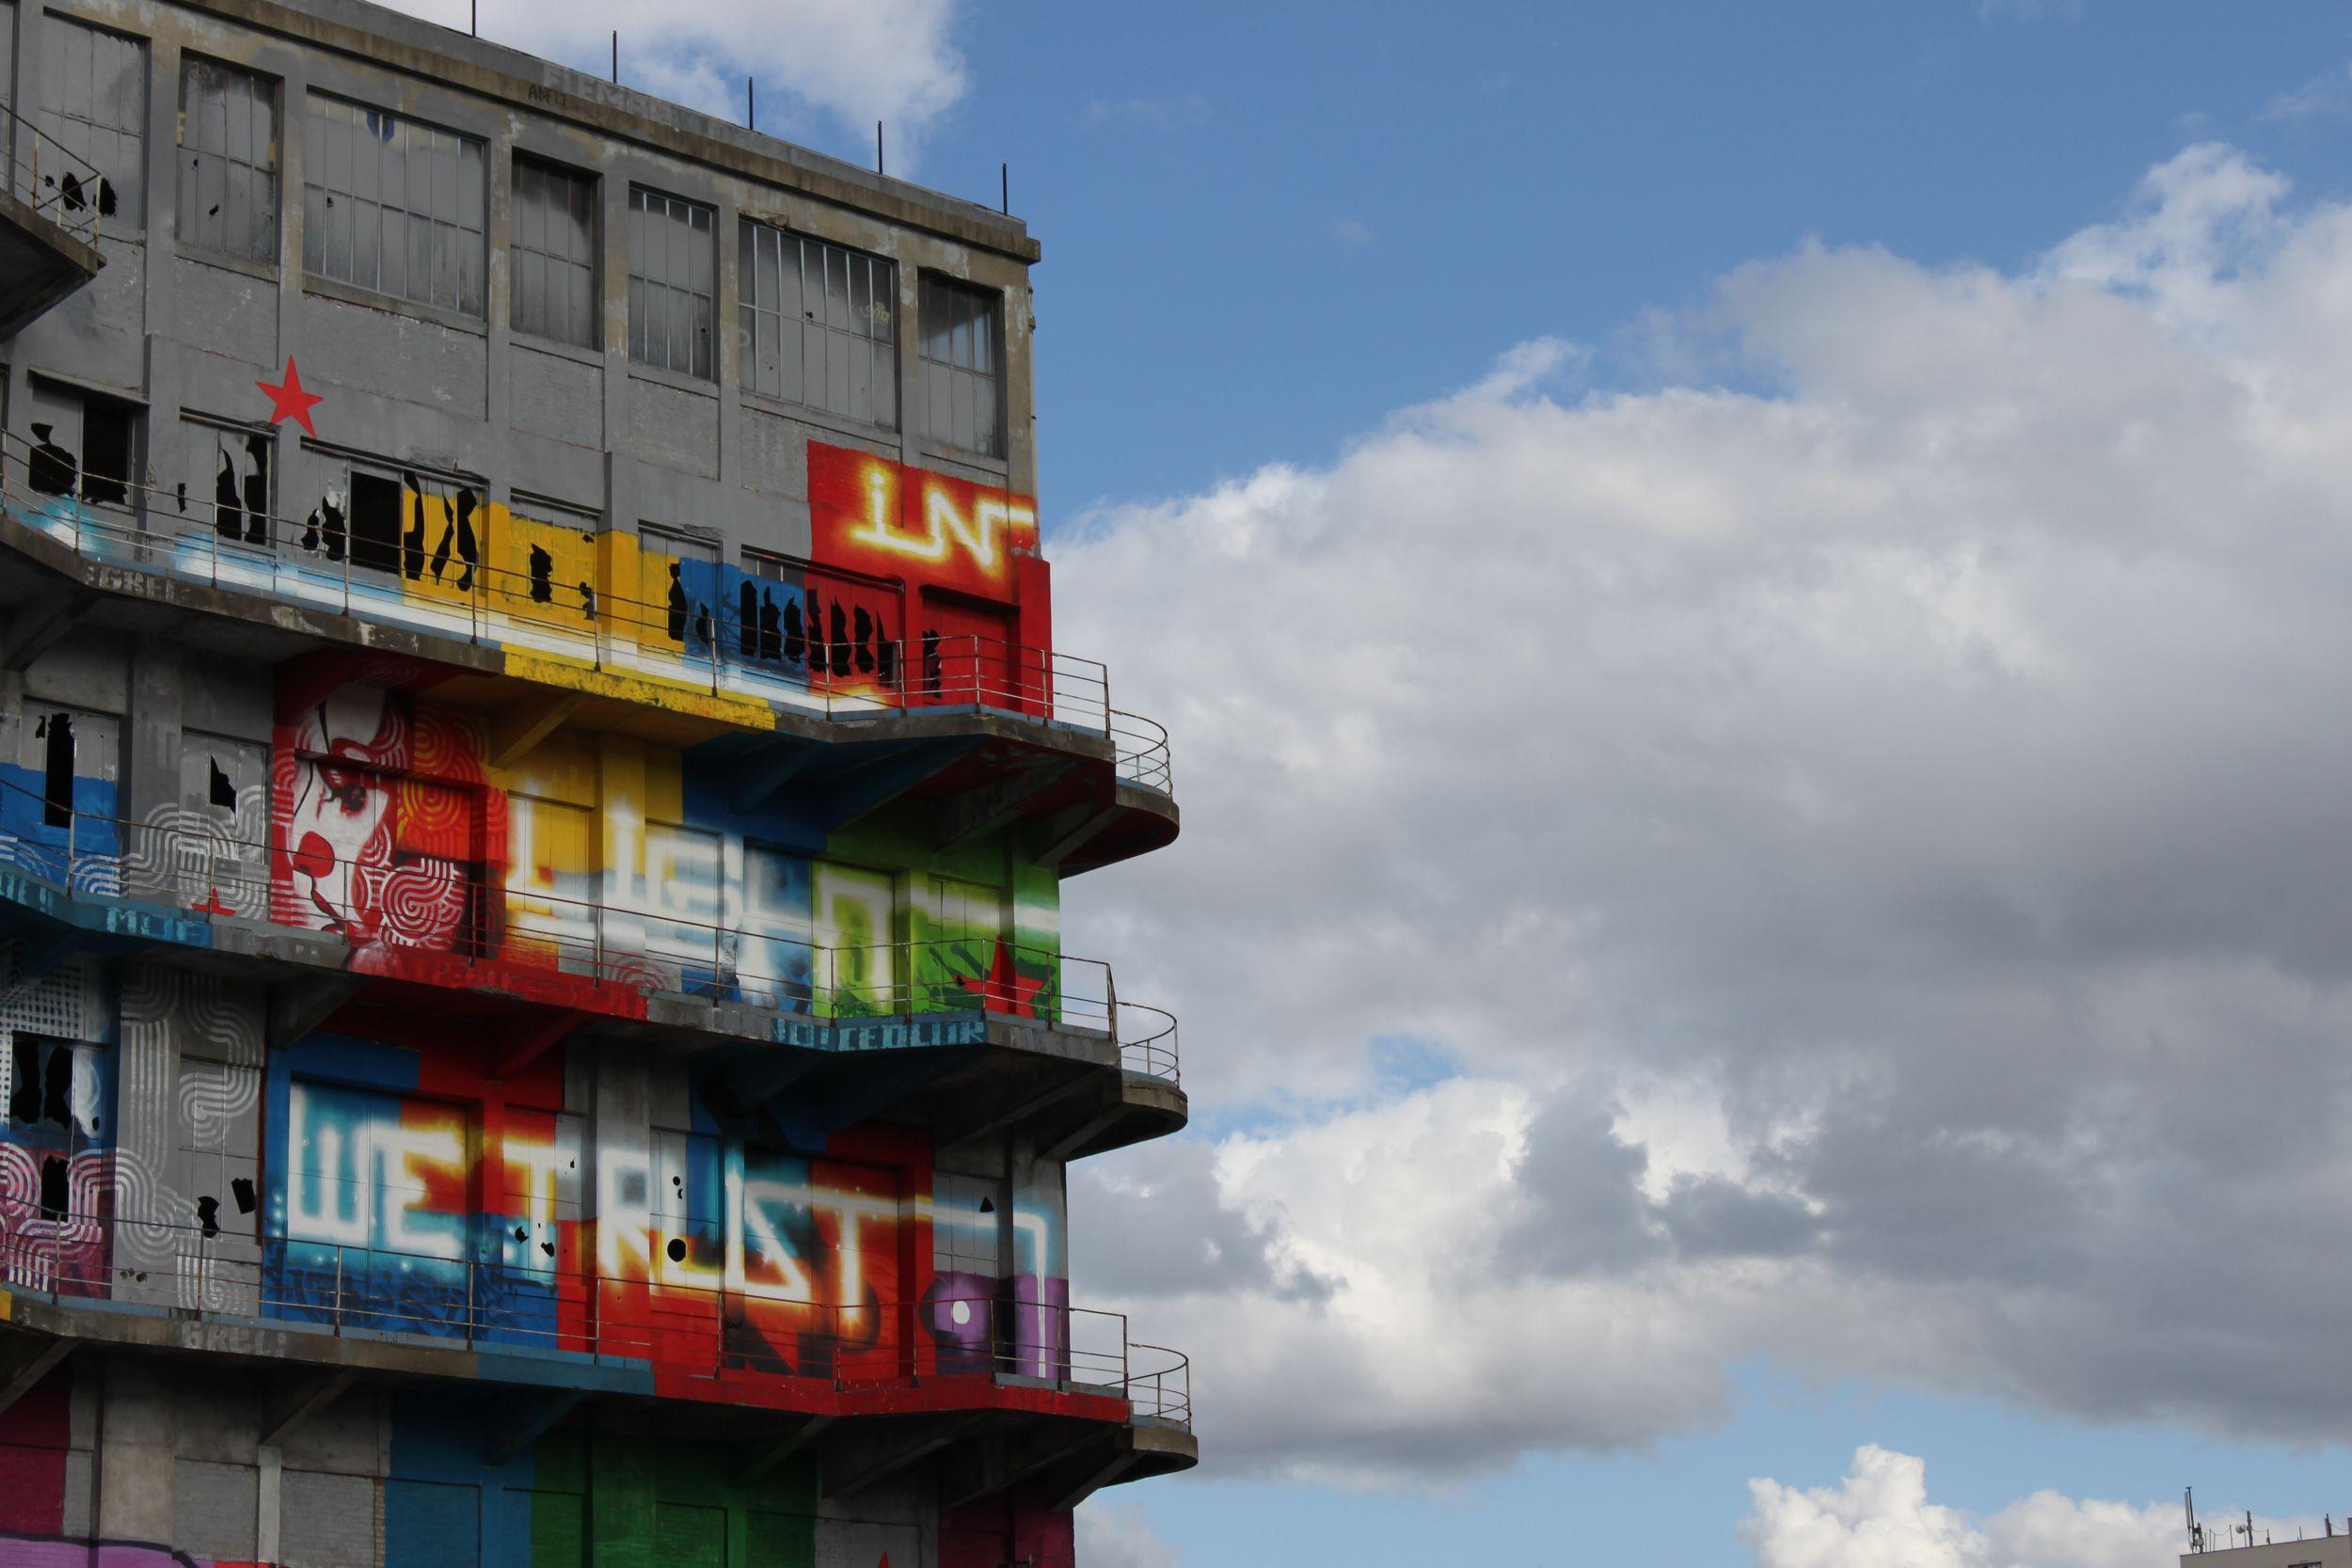 L'été du canal 2012 street art magasins généraux